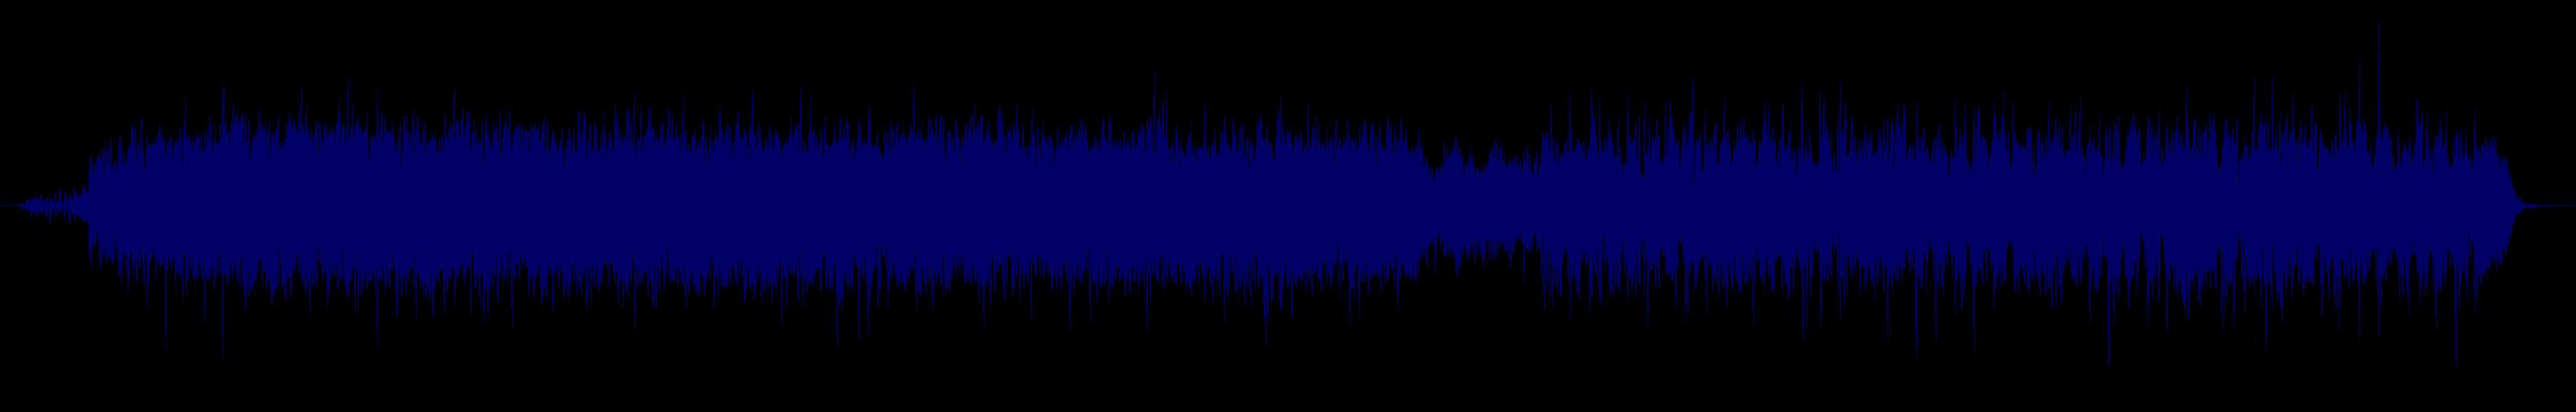 waveform of track #96189